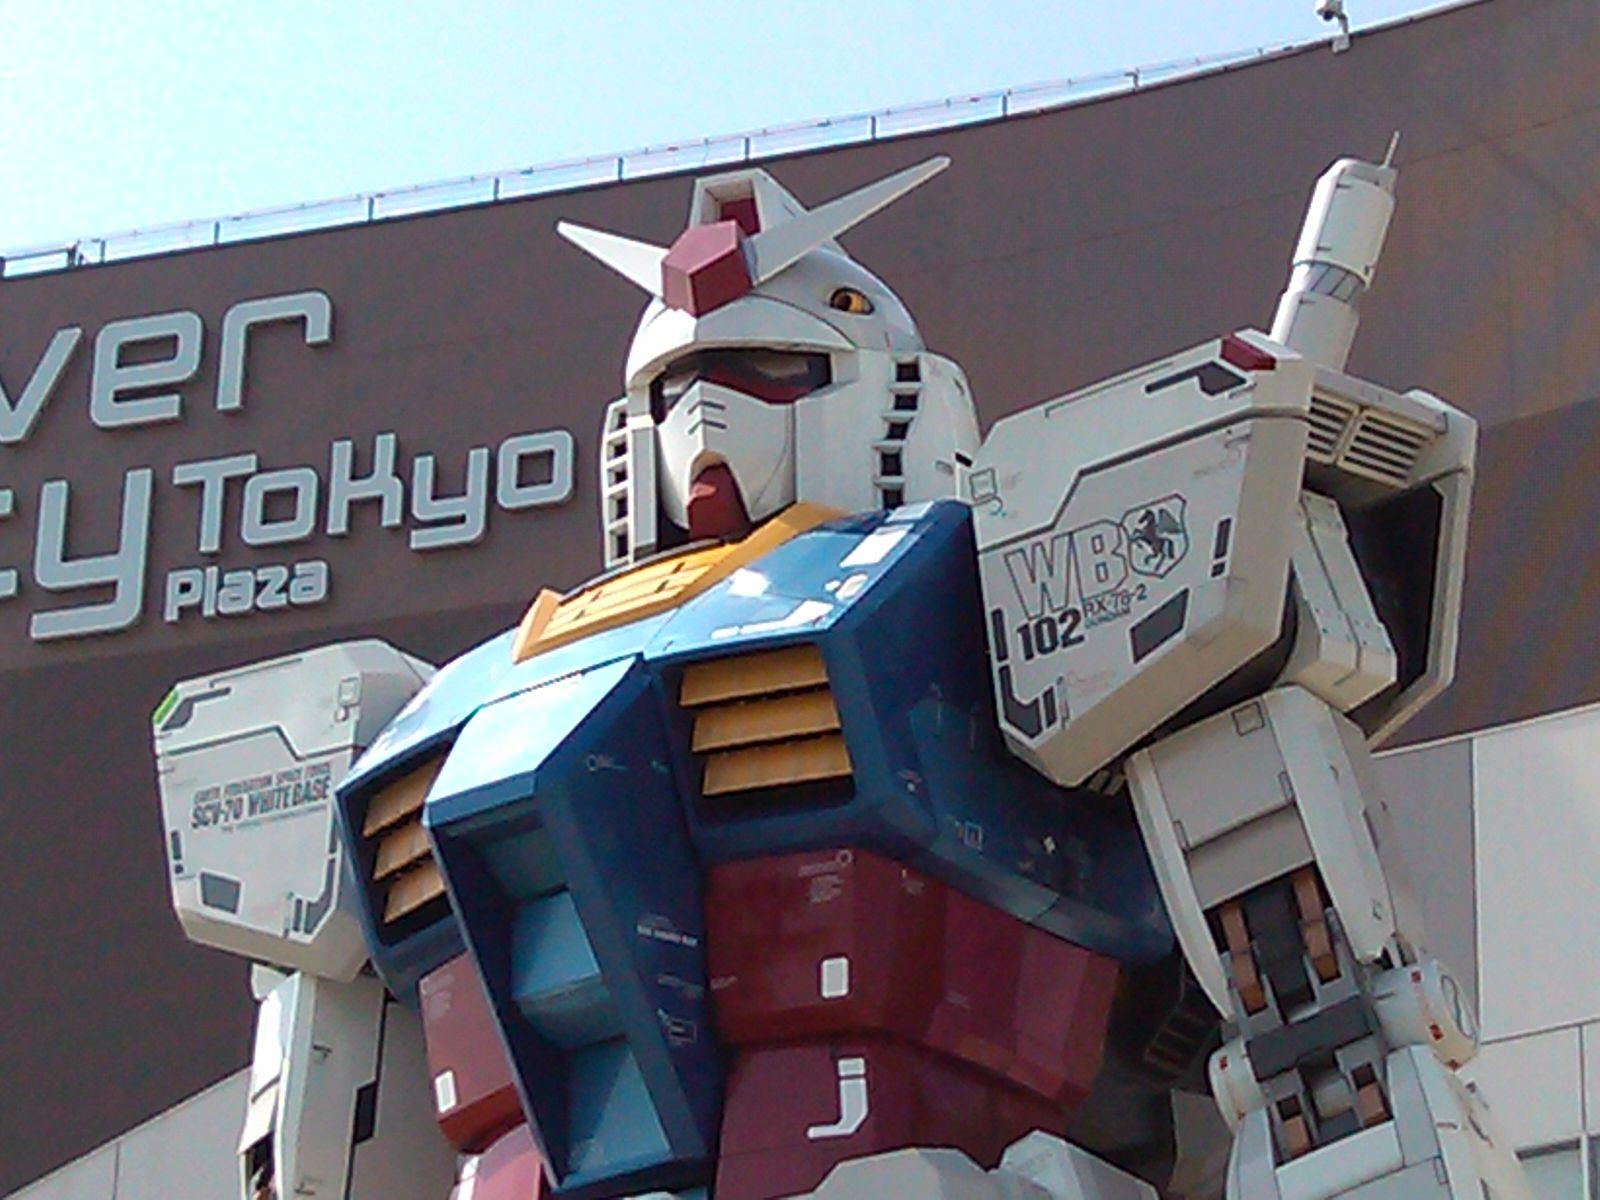 ダイバーシティ東京プラザに行ってみた。